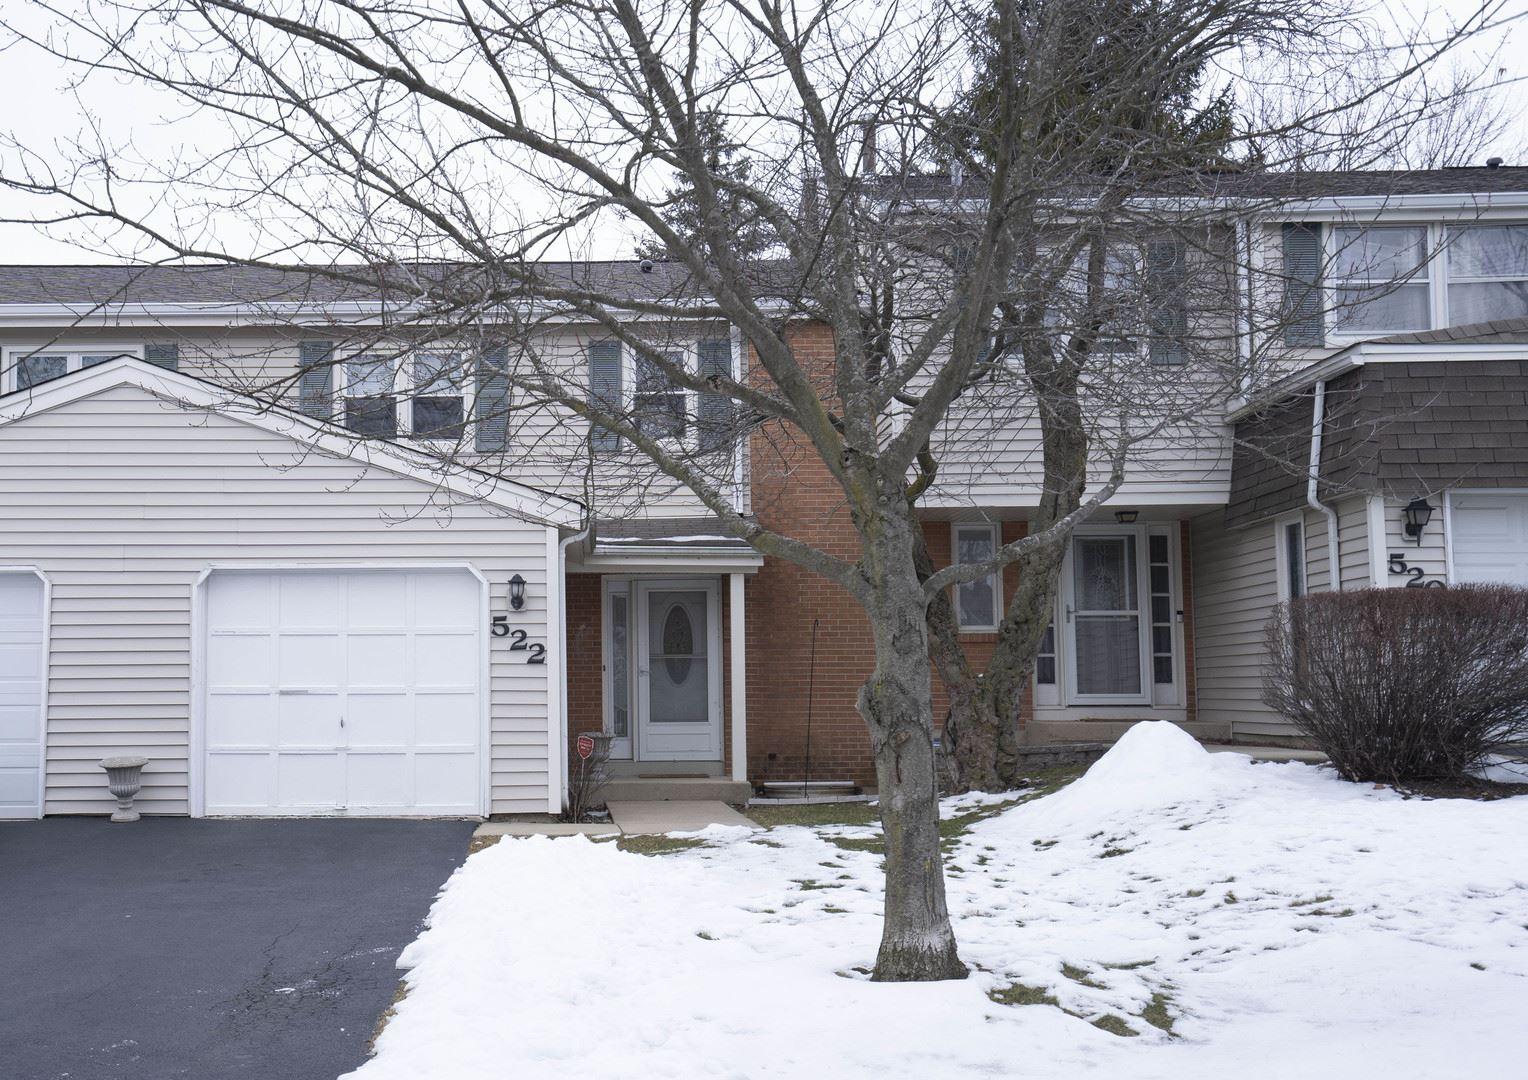 Photo of 522 Jordan Way, Bolingbrook, IL 60440 (MLS # 10968553)